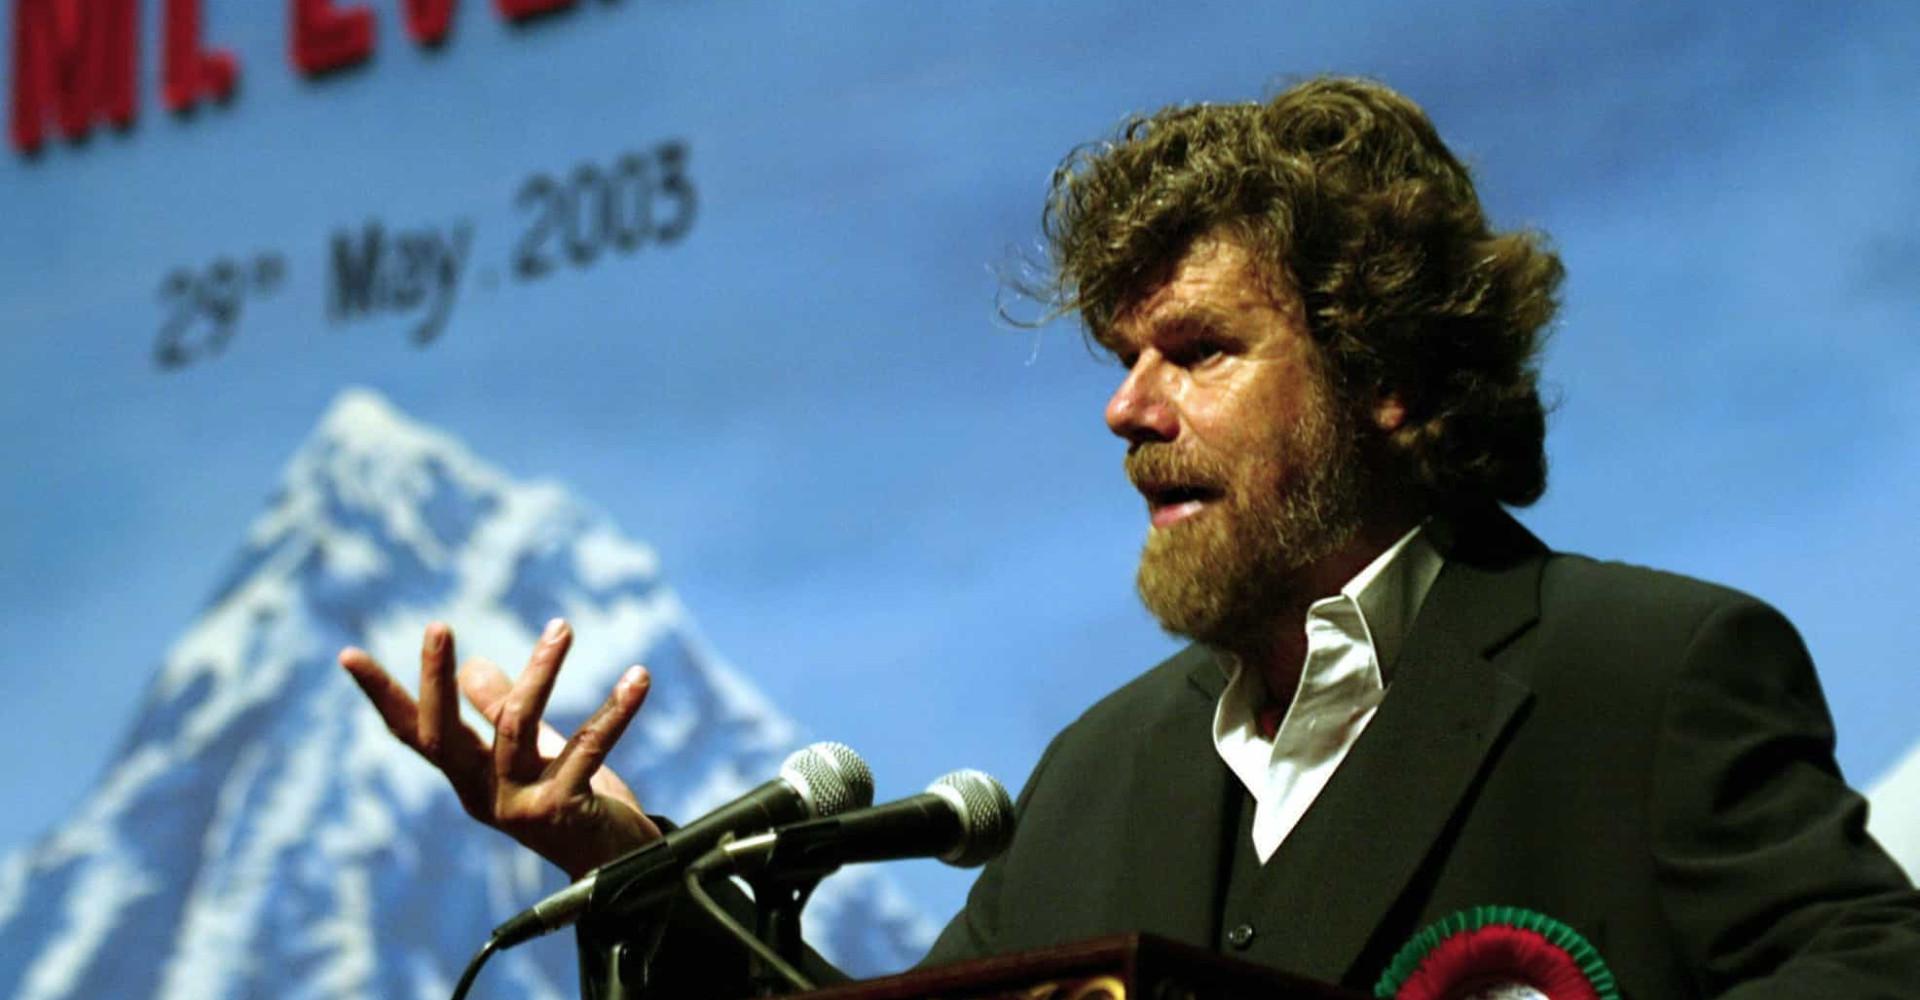 Reinhold Messner, Mann aus Eis und Schnee